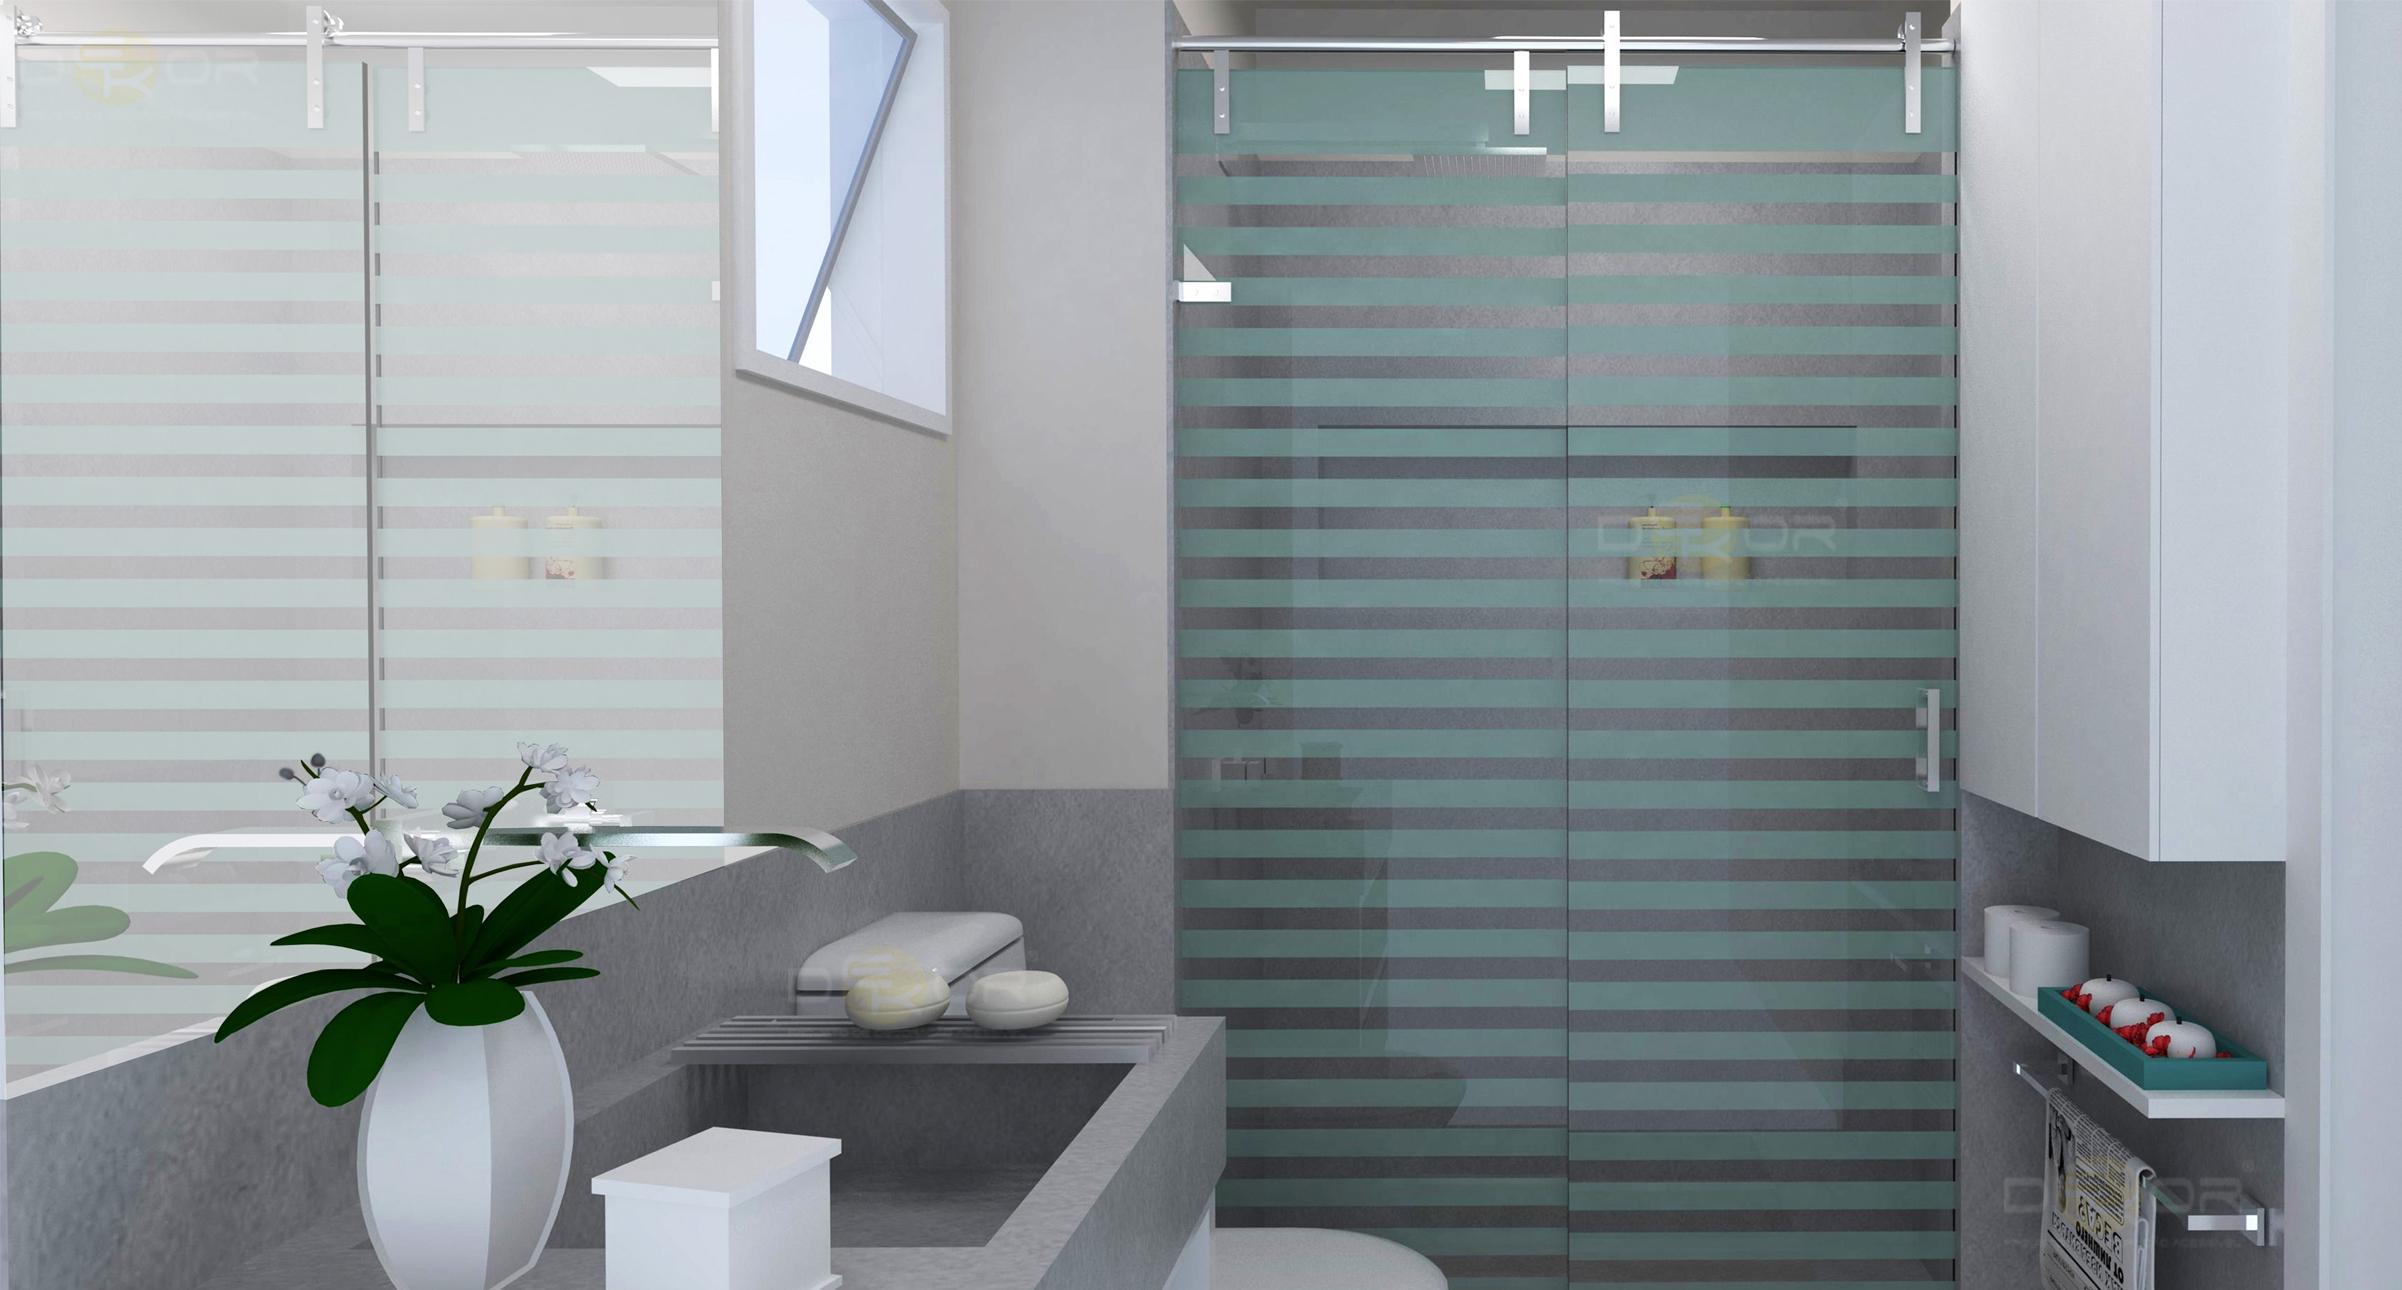 #475A4D 05/03/2014 2402 × 1290 Projeto de Banheiro – Decoração Online #3 2402x1290 px Projeto De Cozinha Com Banheiro #2827 imagens